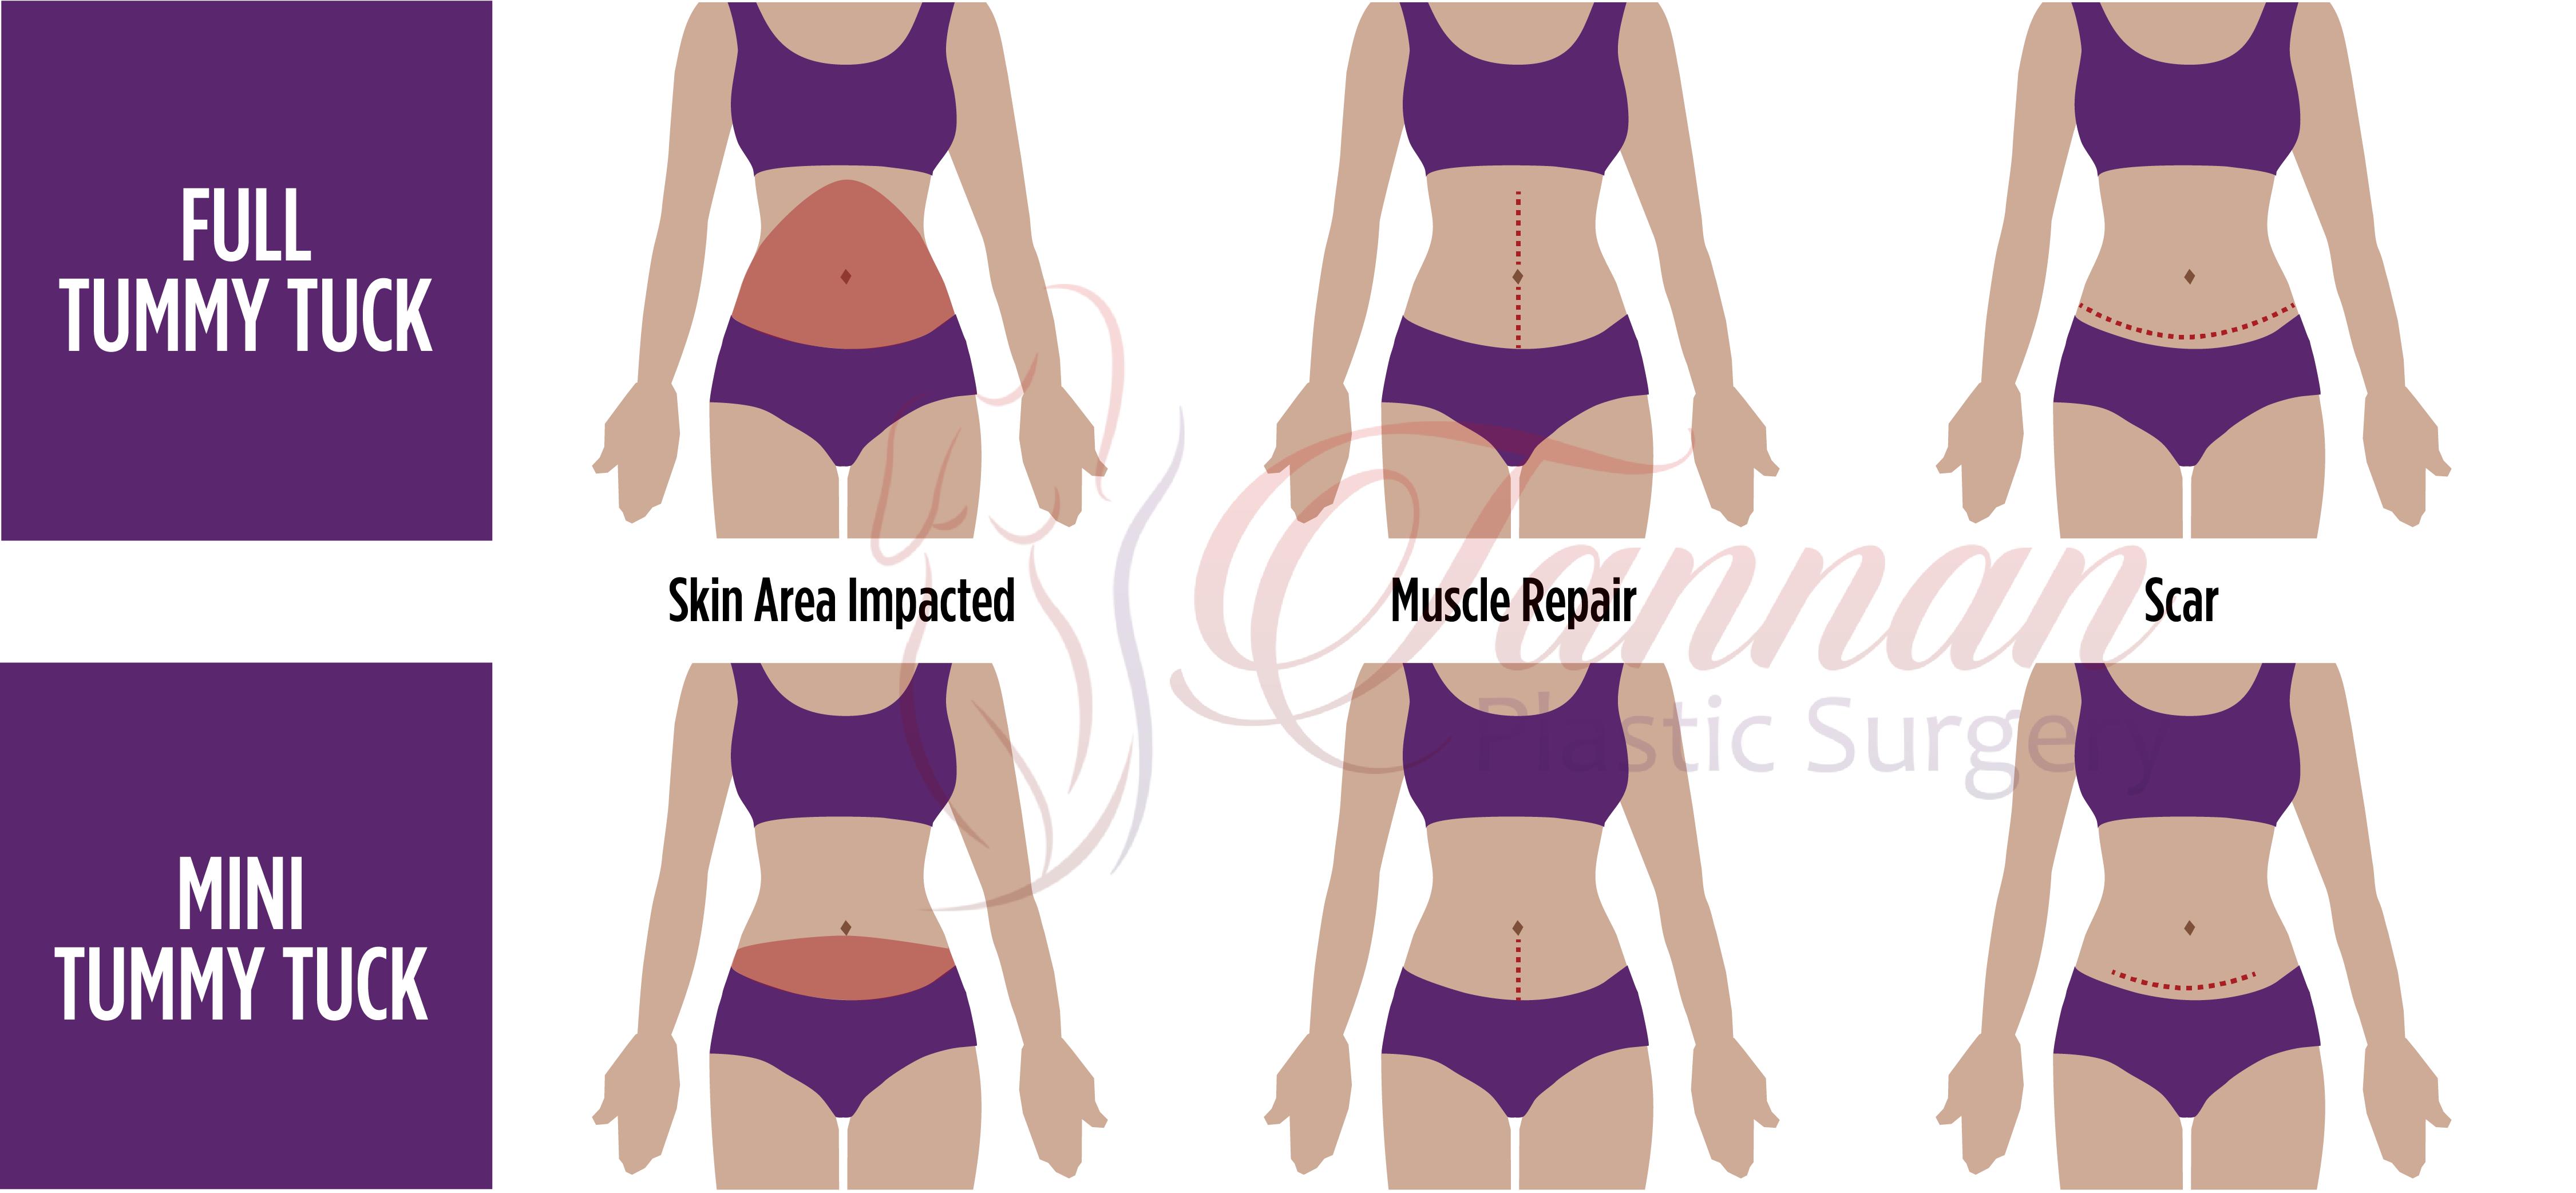 Mini Tummy Tuck Comparison - Tannan Plastic Surgery